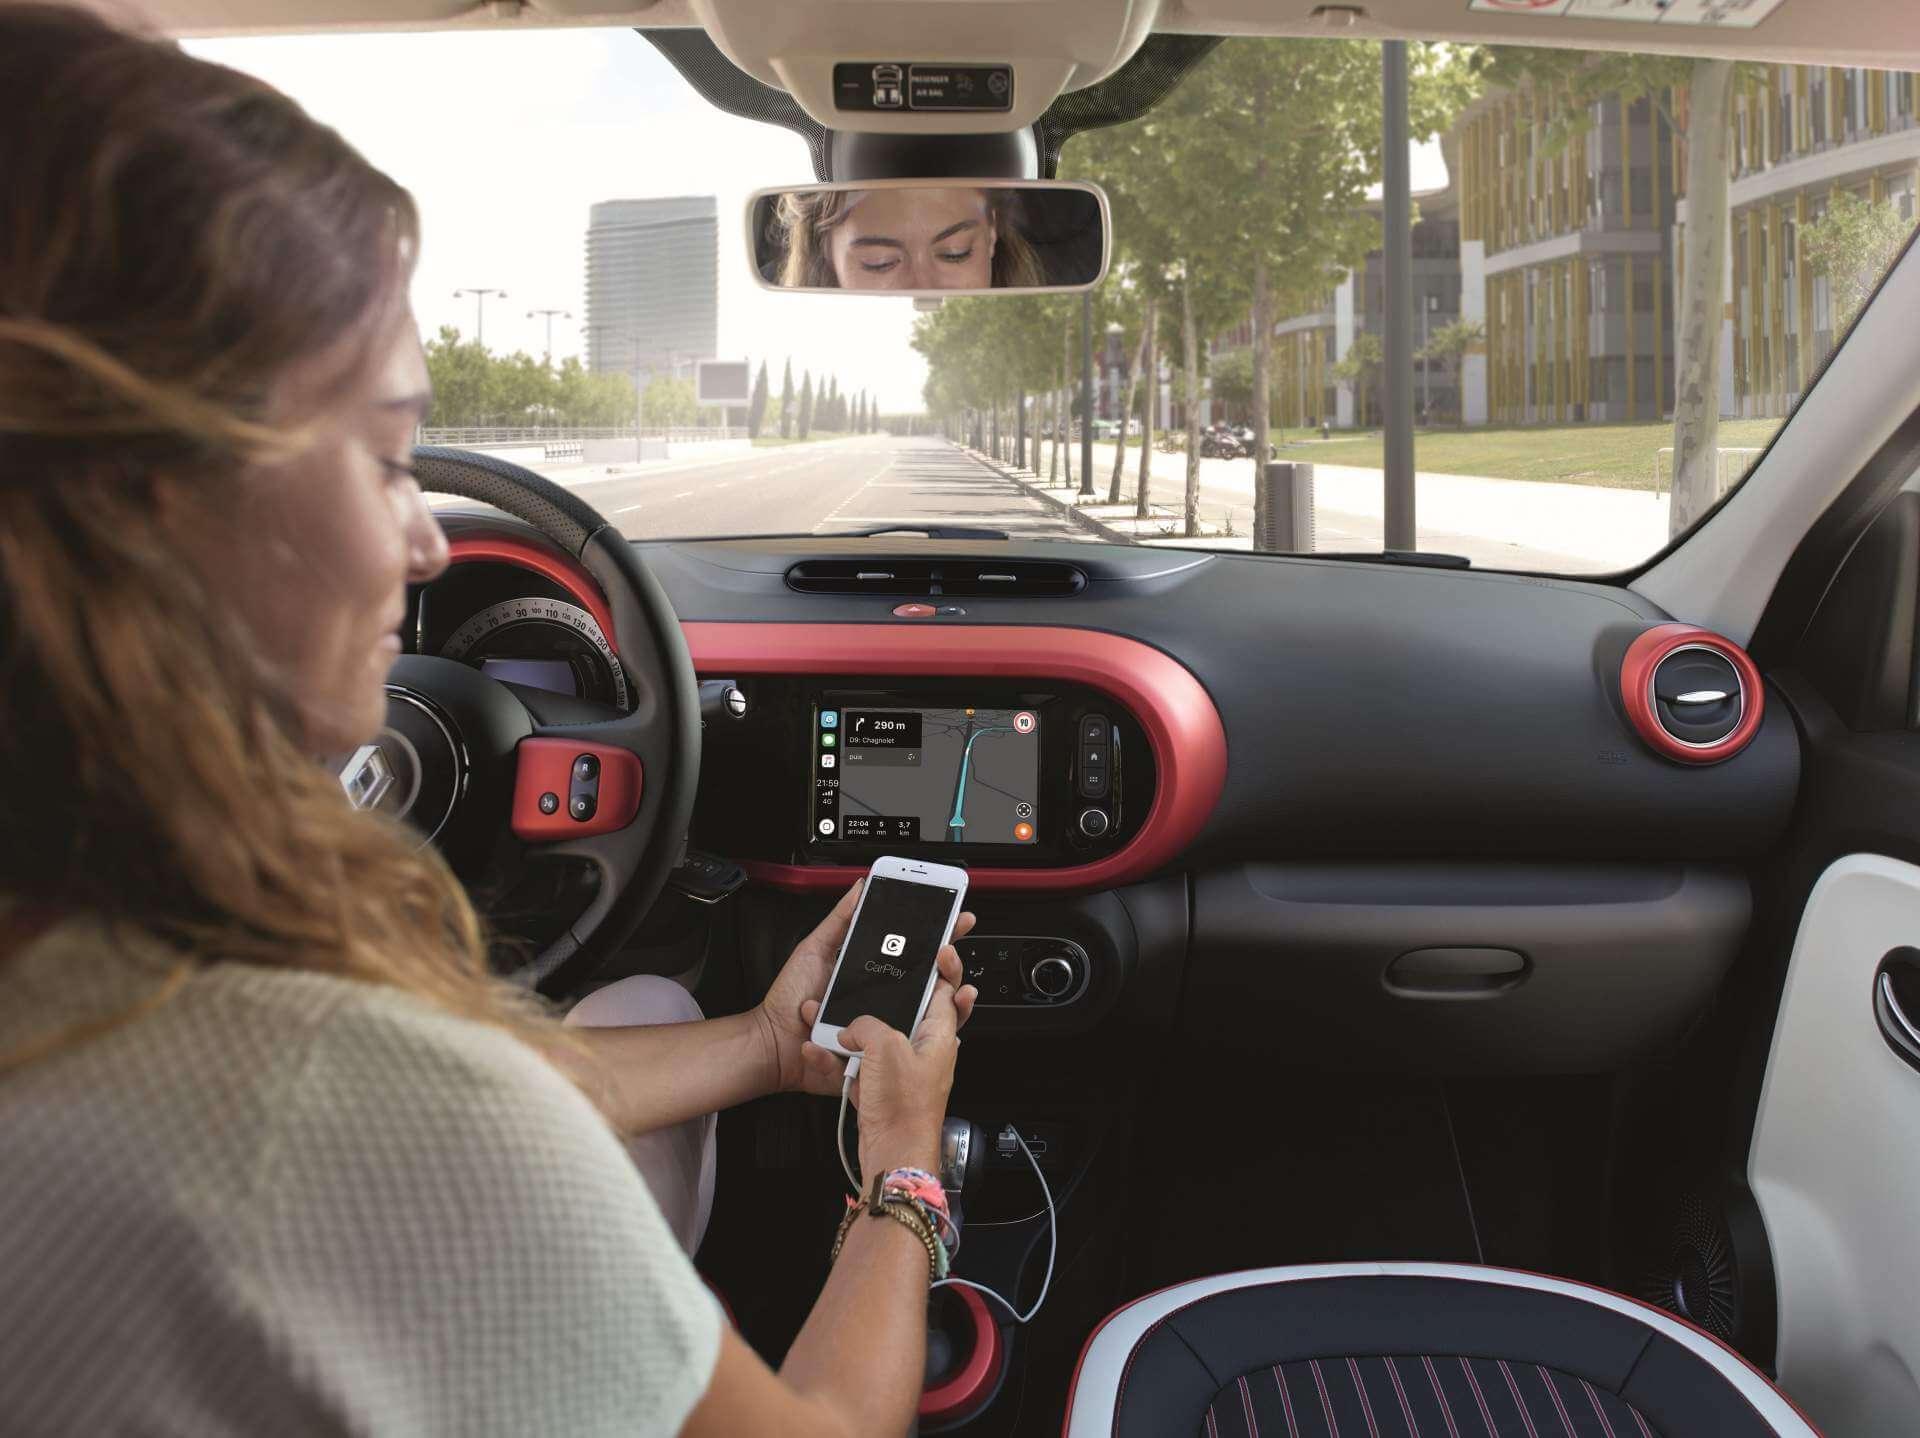 Habitáculo del Renault Twingo 2019.